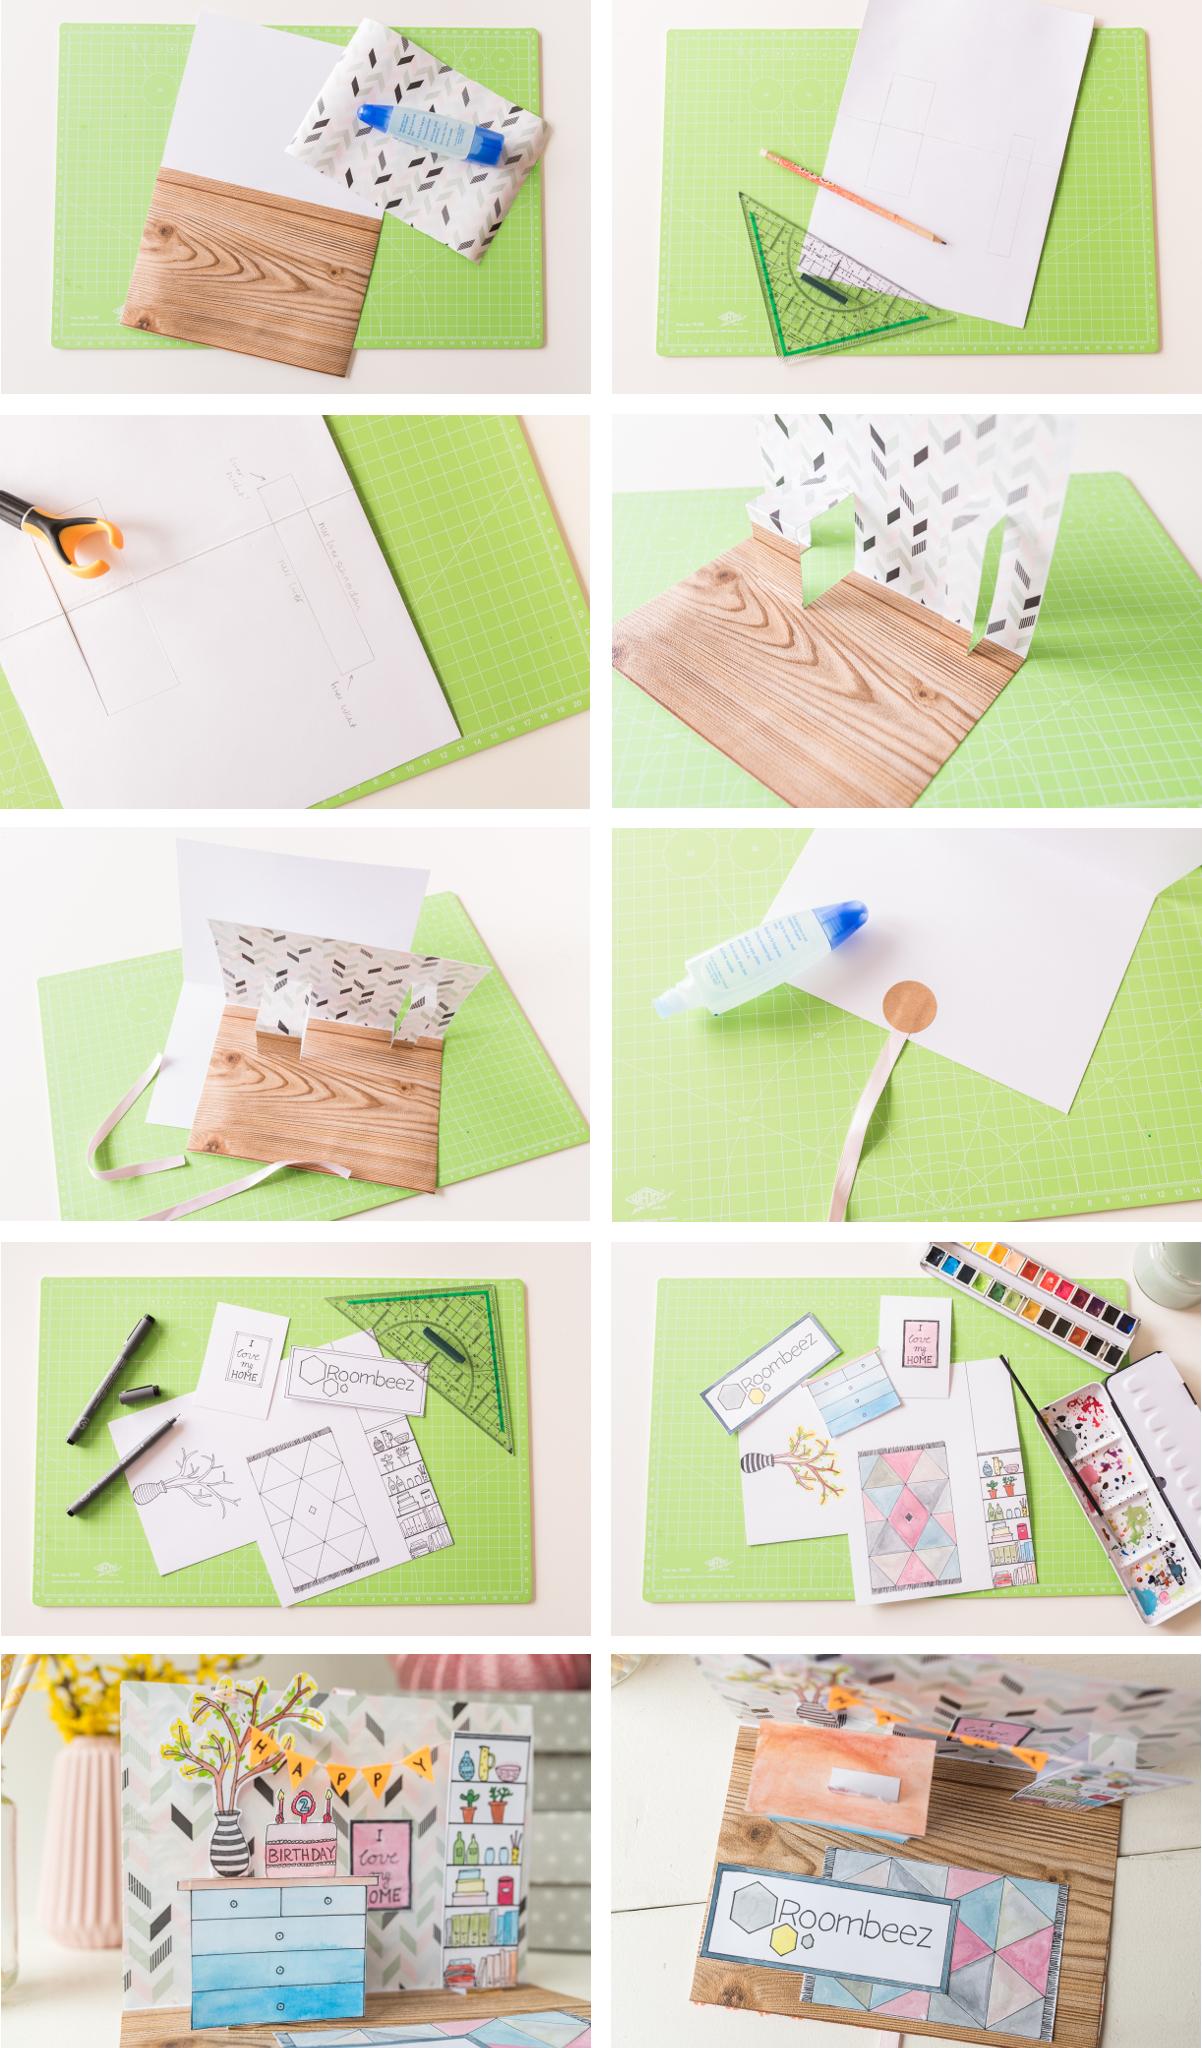 Anleitung für eine selbst gemachte DIY Pop up Geburtstagskarte zum aufklappen